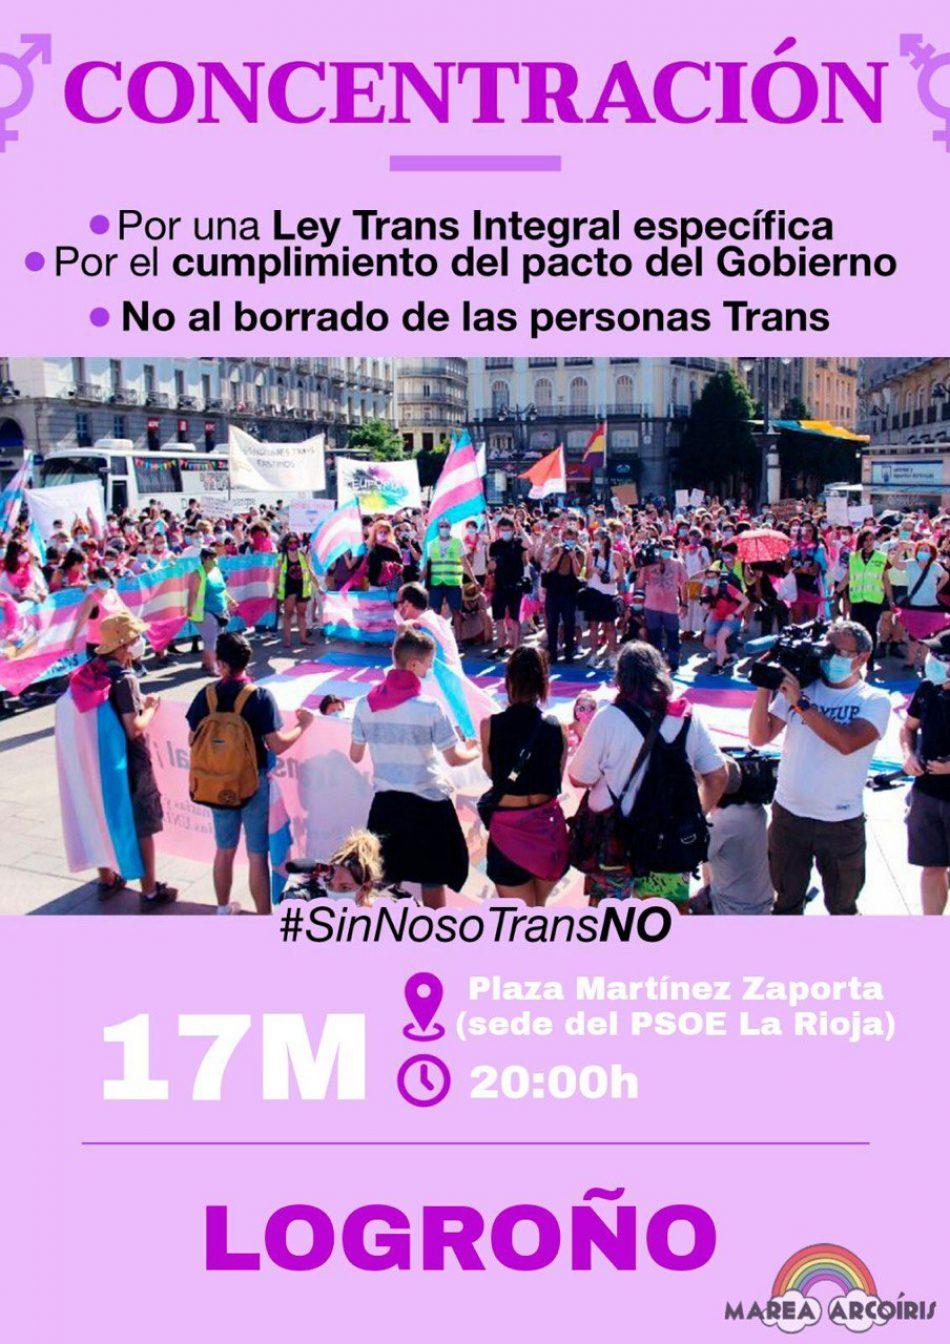 Marea Arcoíris se manifestará hoy,17 de mayo, frente a la sede del PSOE